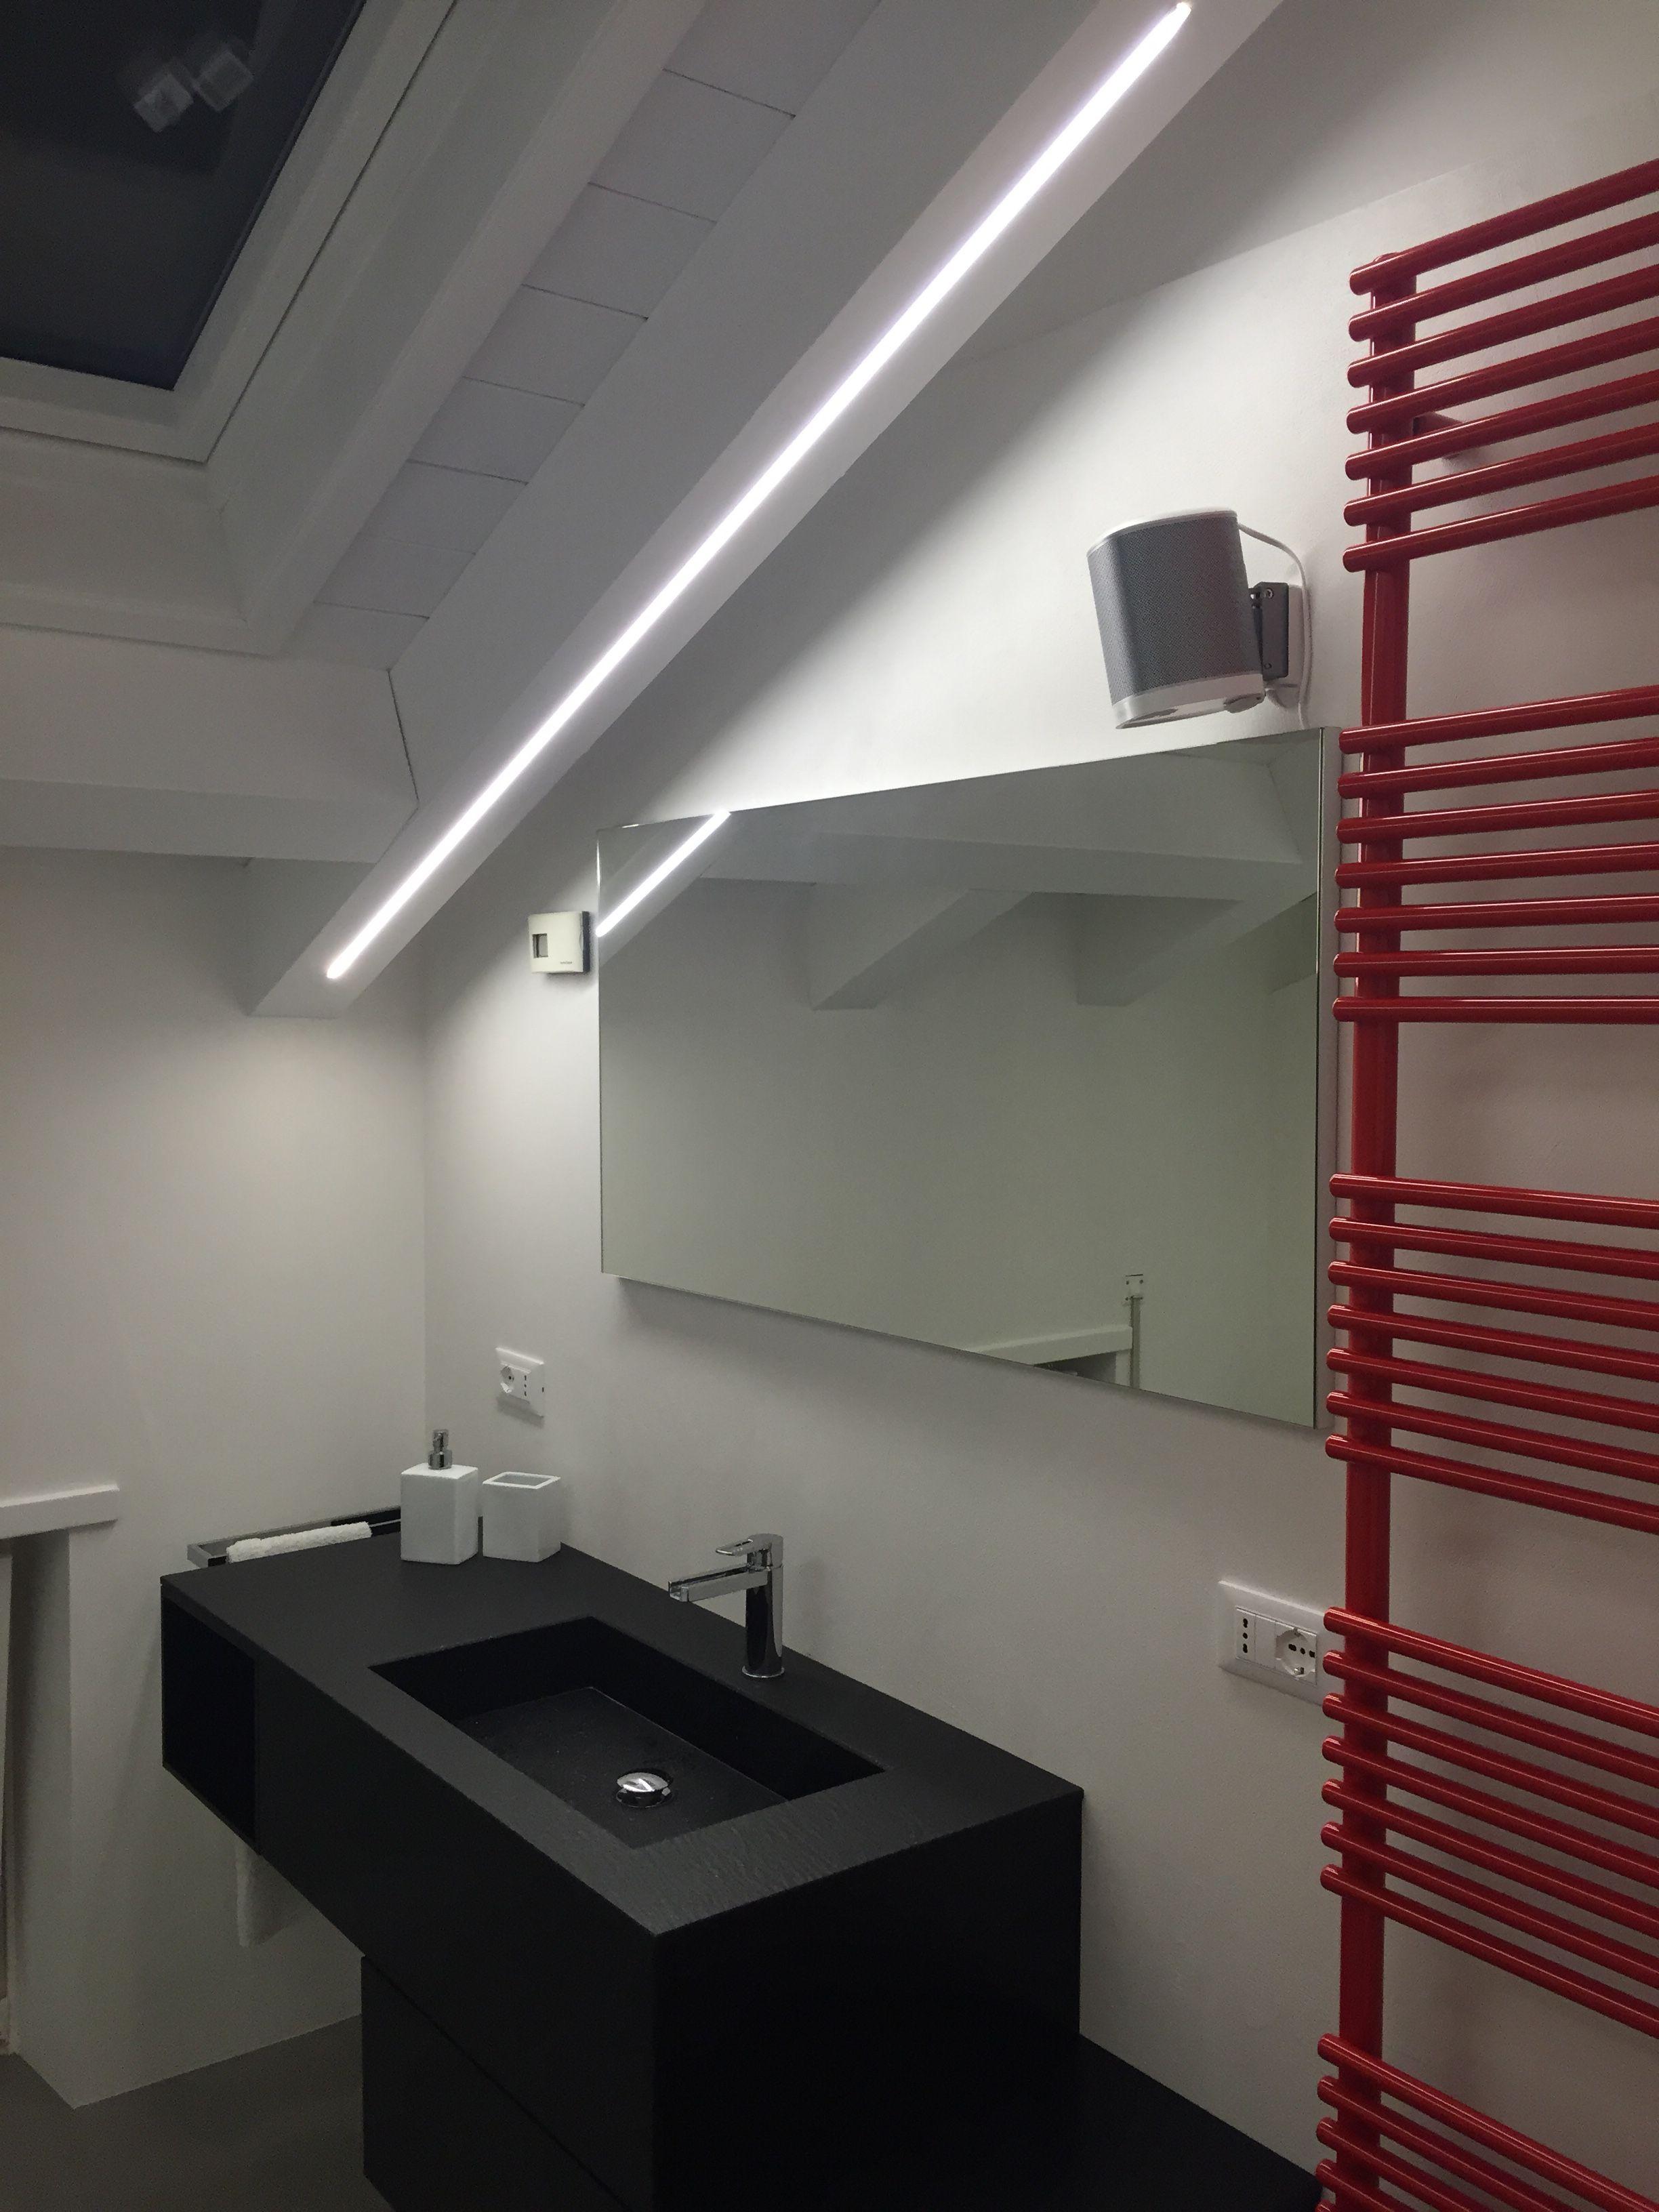 Abitazione privata illuminazione incasso taglio luce - Illuminazione bagno led ...